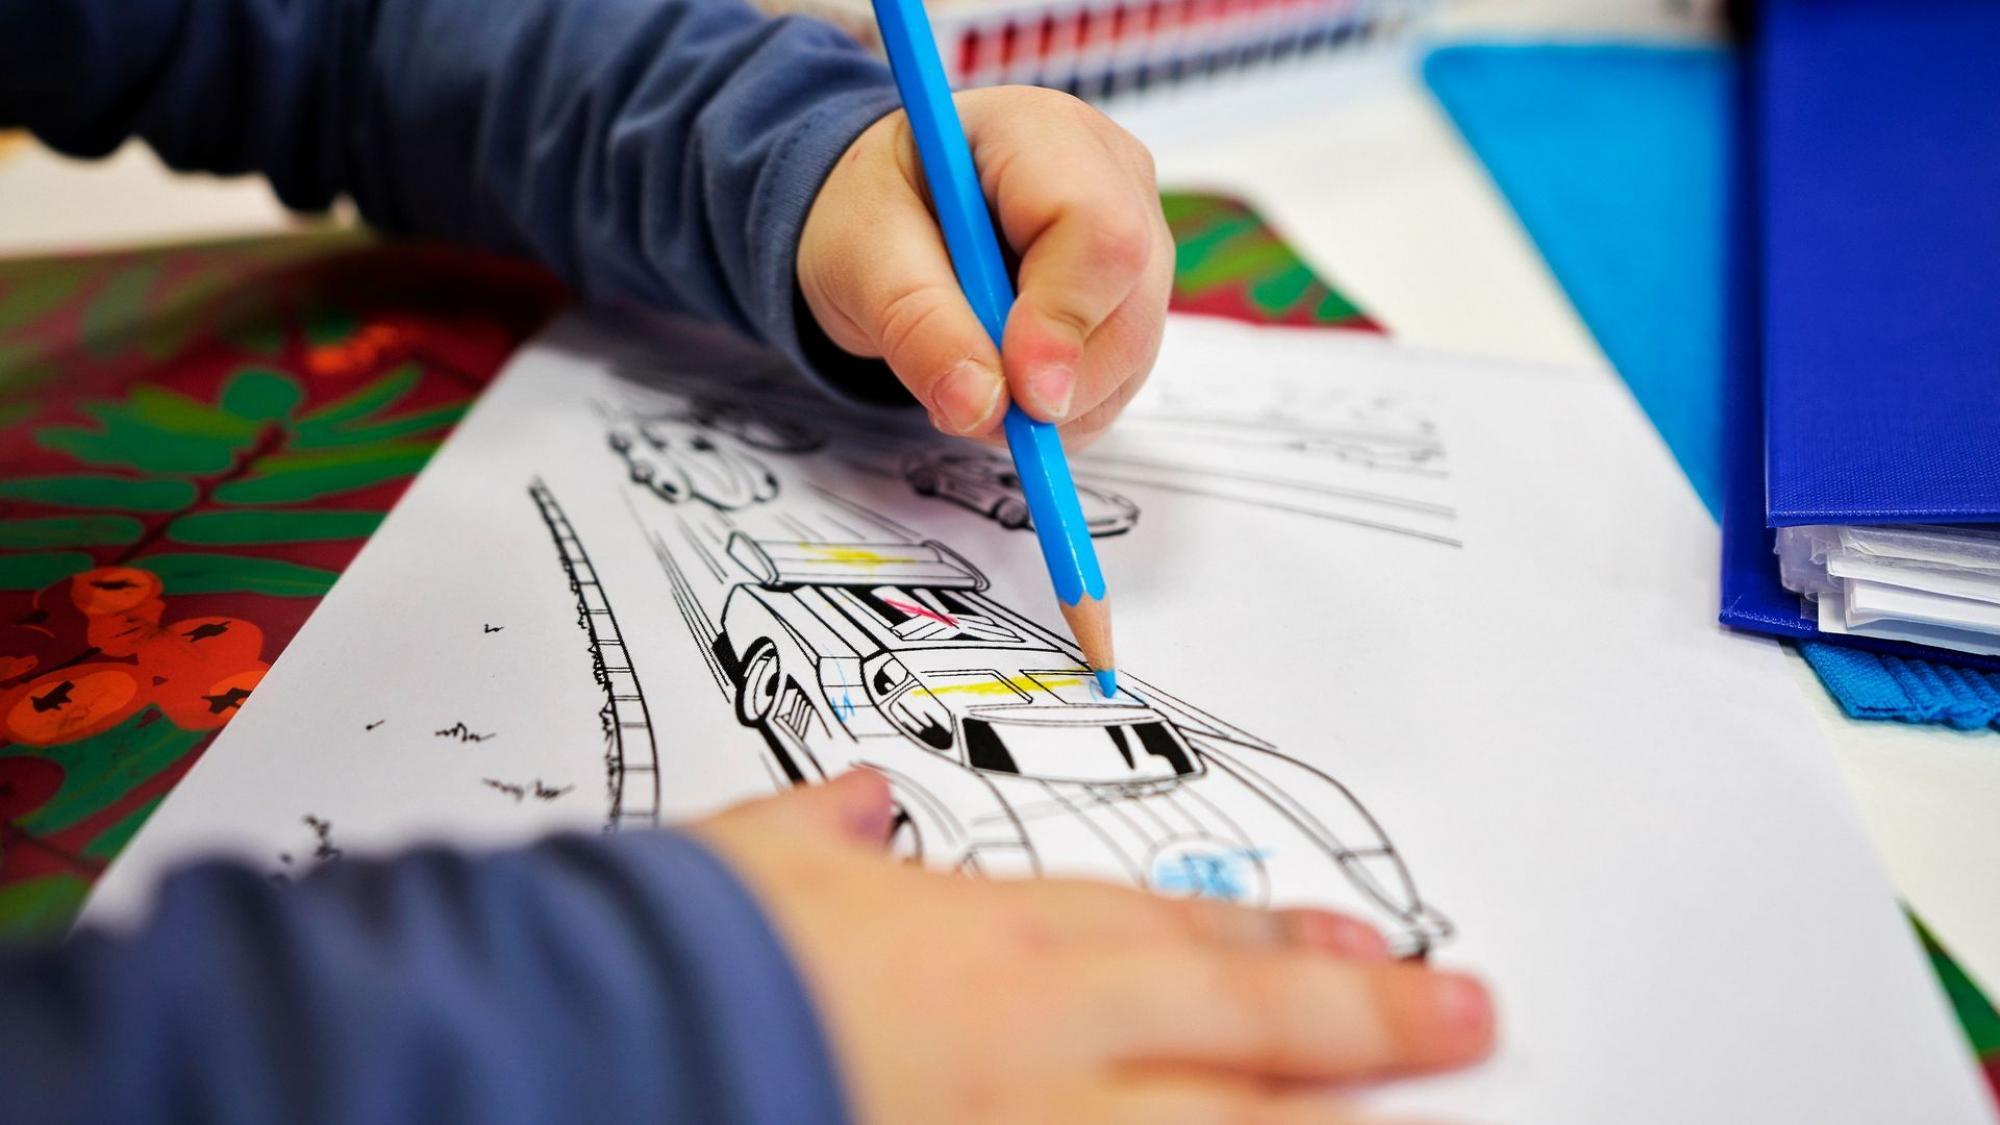 Päiväkoti-ikäinen lapsi värittää auton kuvaa sinisellä värikynällä; lähikuva lapsen käsistä ja värityskuvasta.